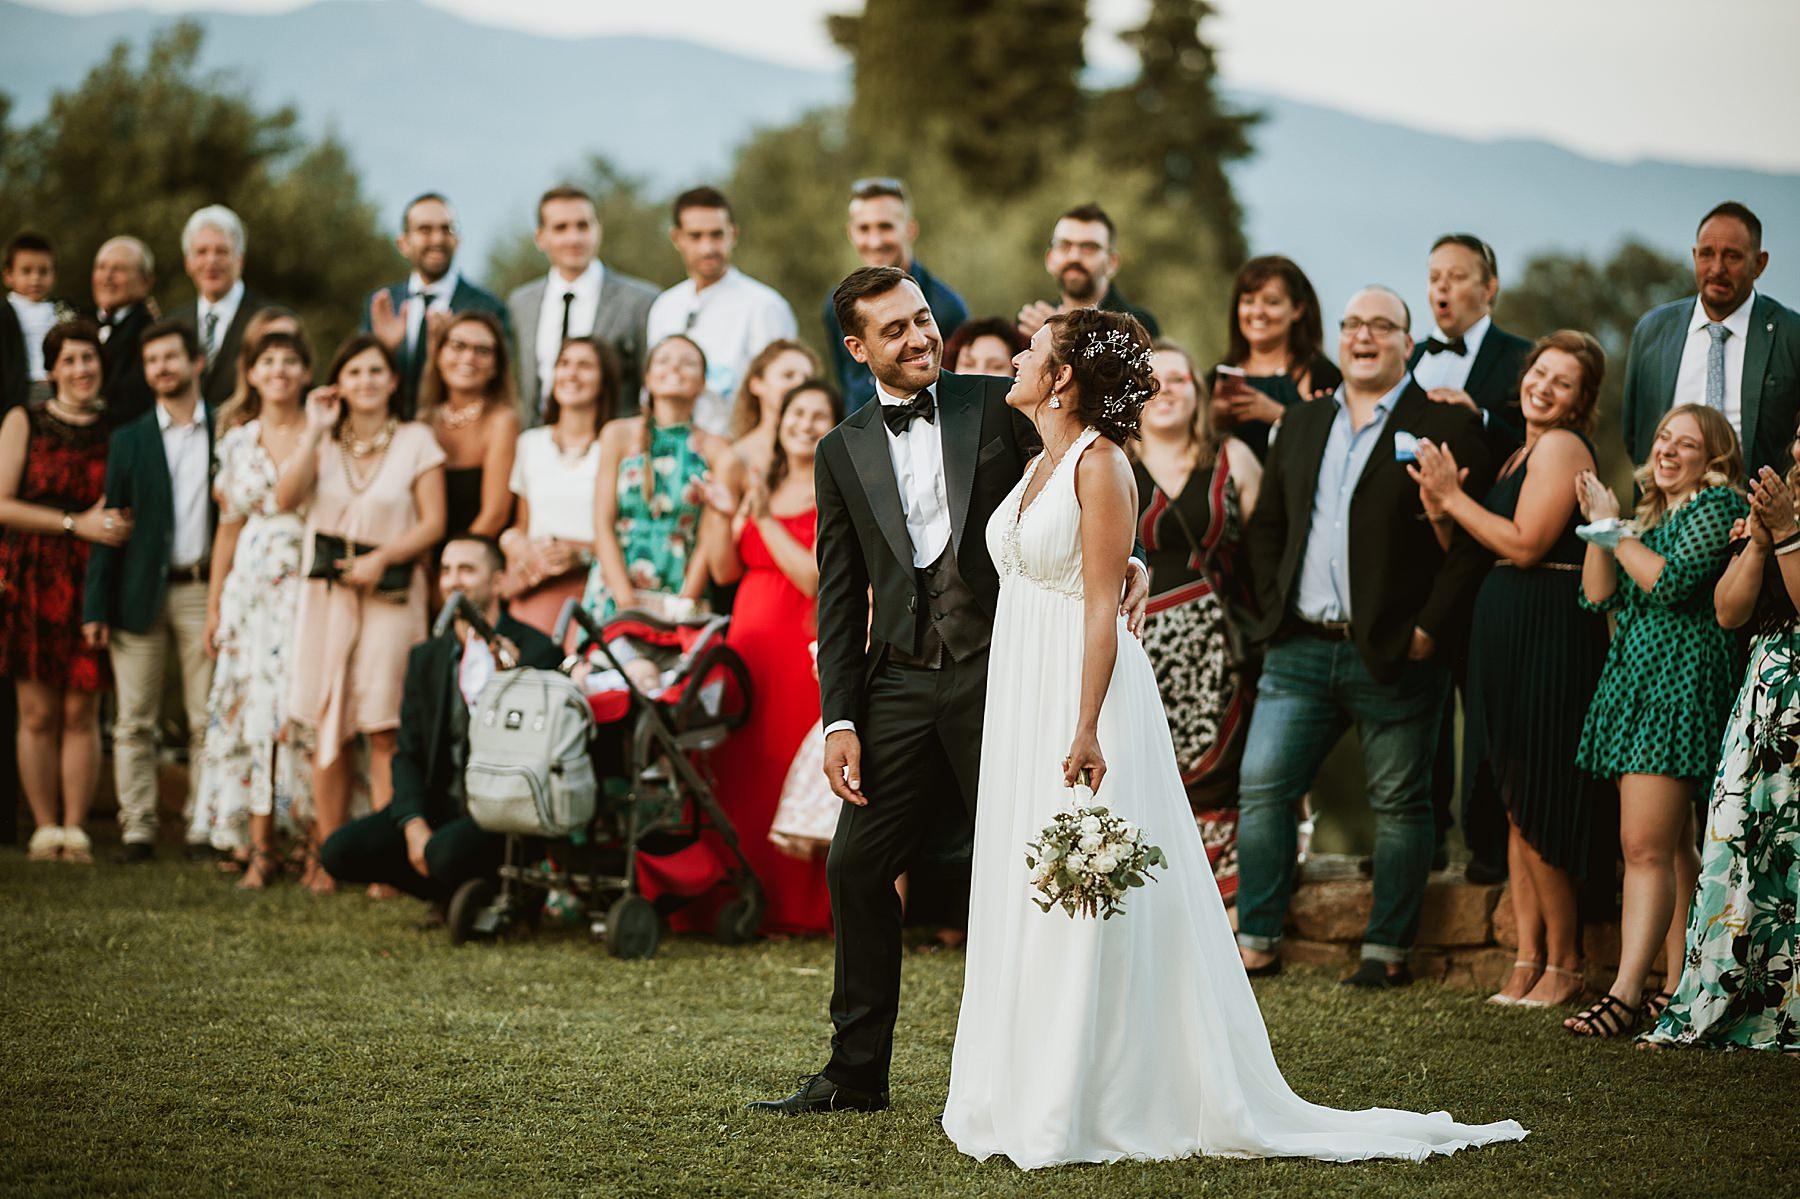 foto di gruppo con sposi matrimonio